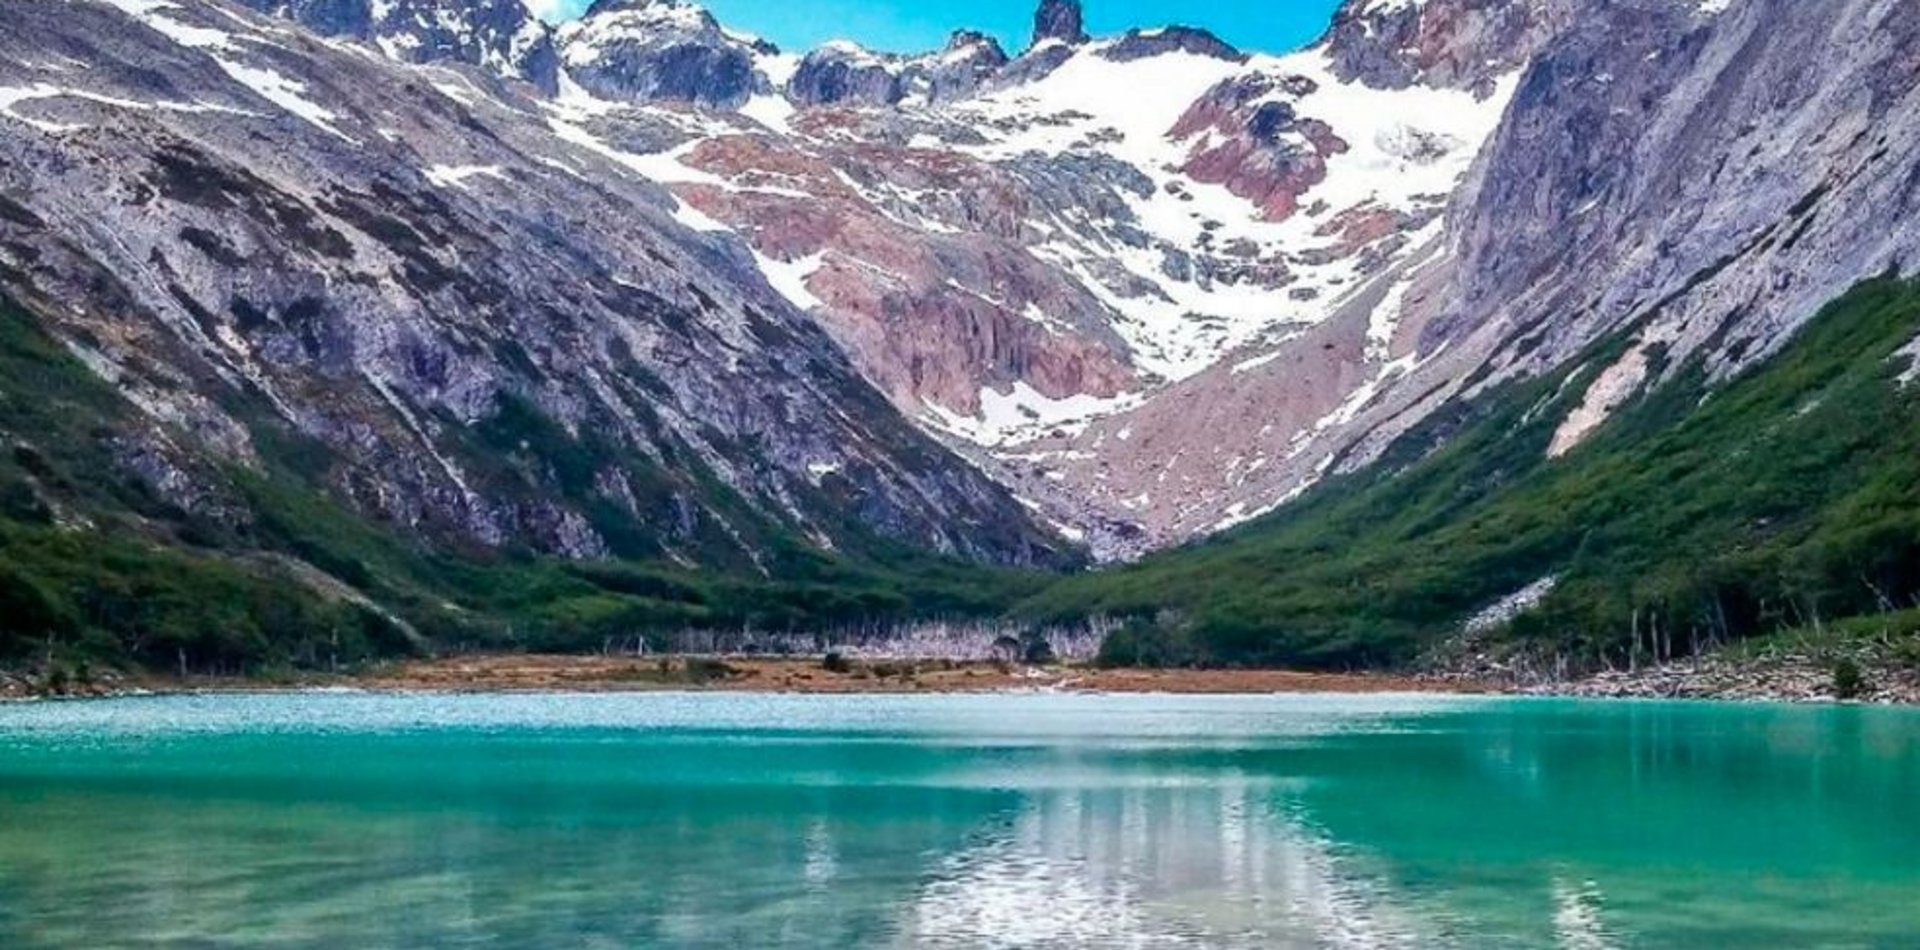 Ushuaia lanza su oferta turística para el invierno de una manera innovadora en el Cabildo